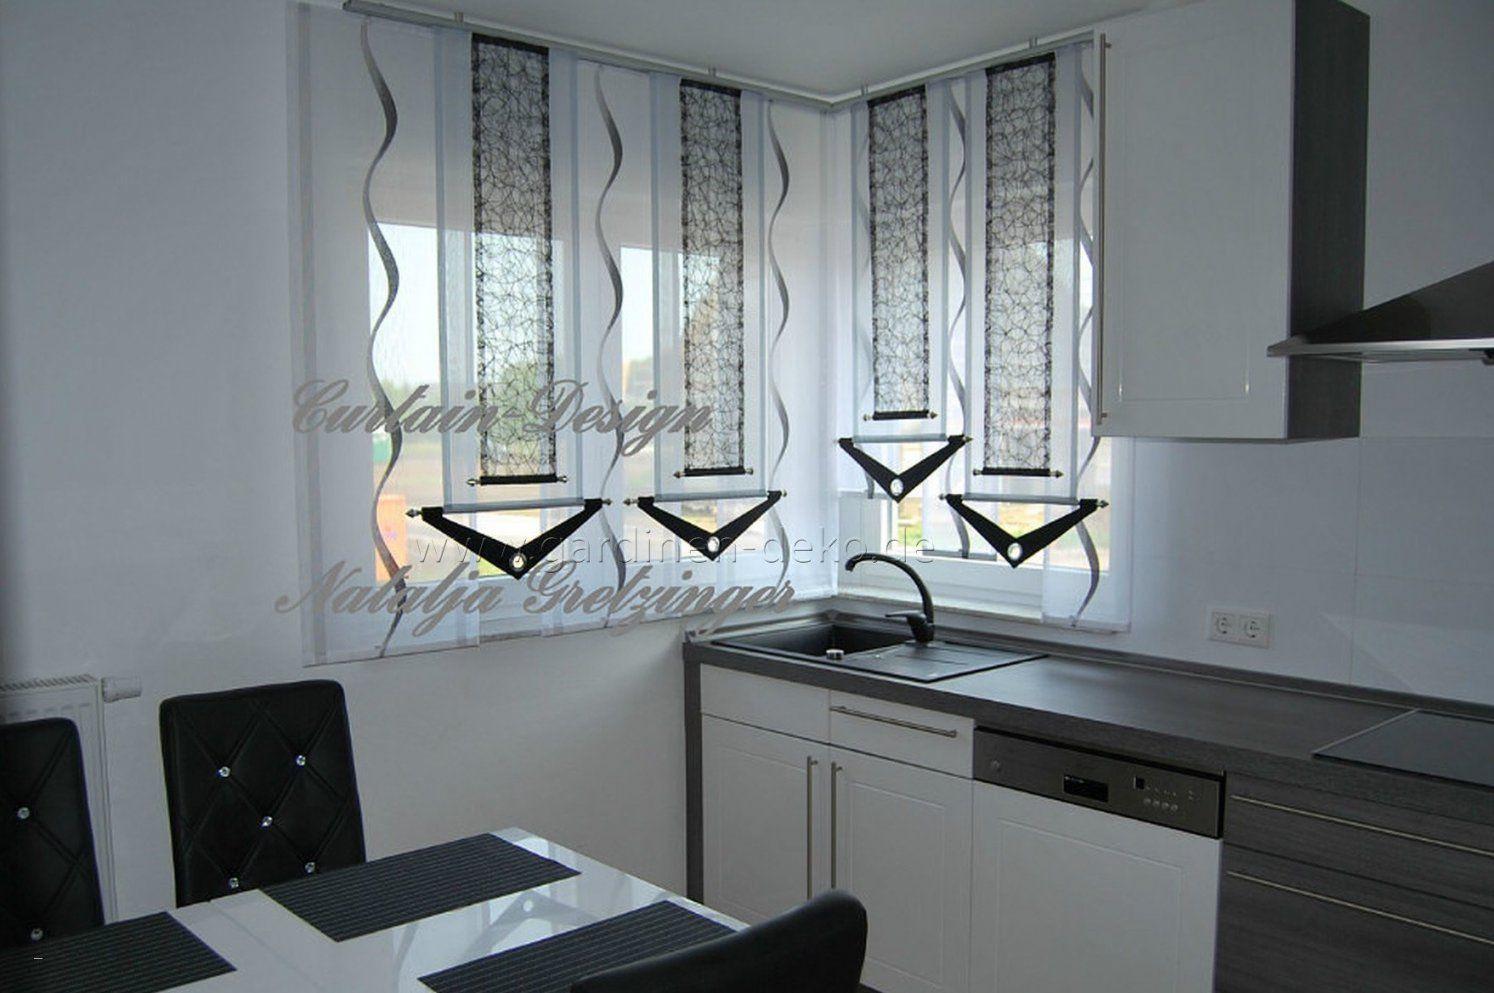 Fensterdeko Küche Modern Elegant Beste Ideen Kuechengardinen Fotos von Moderne Gardinen Küche Bild